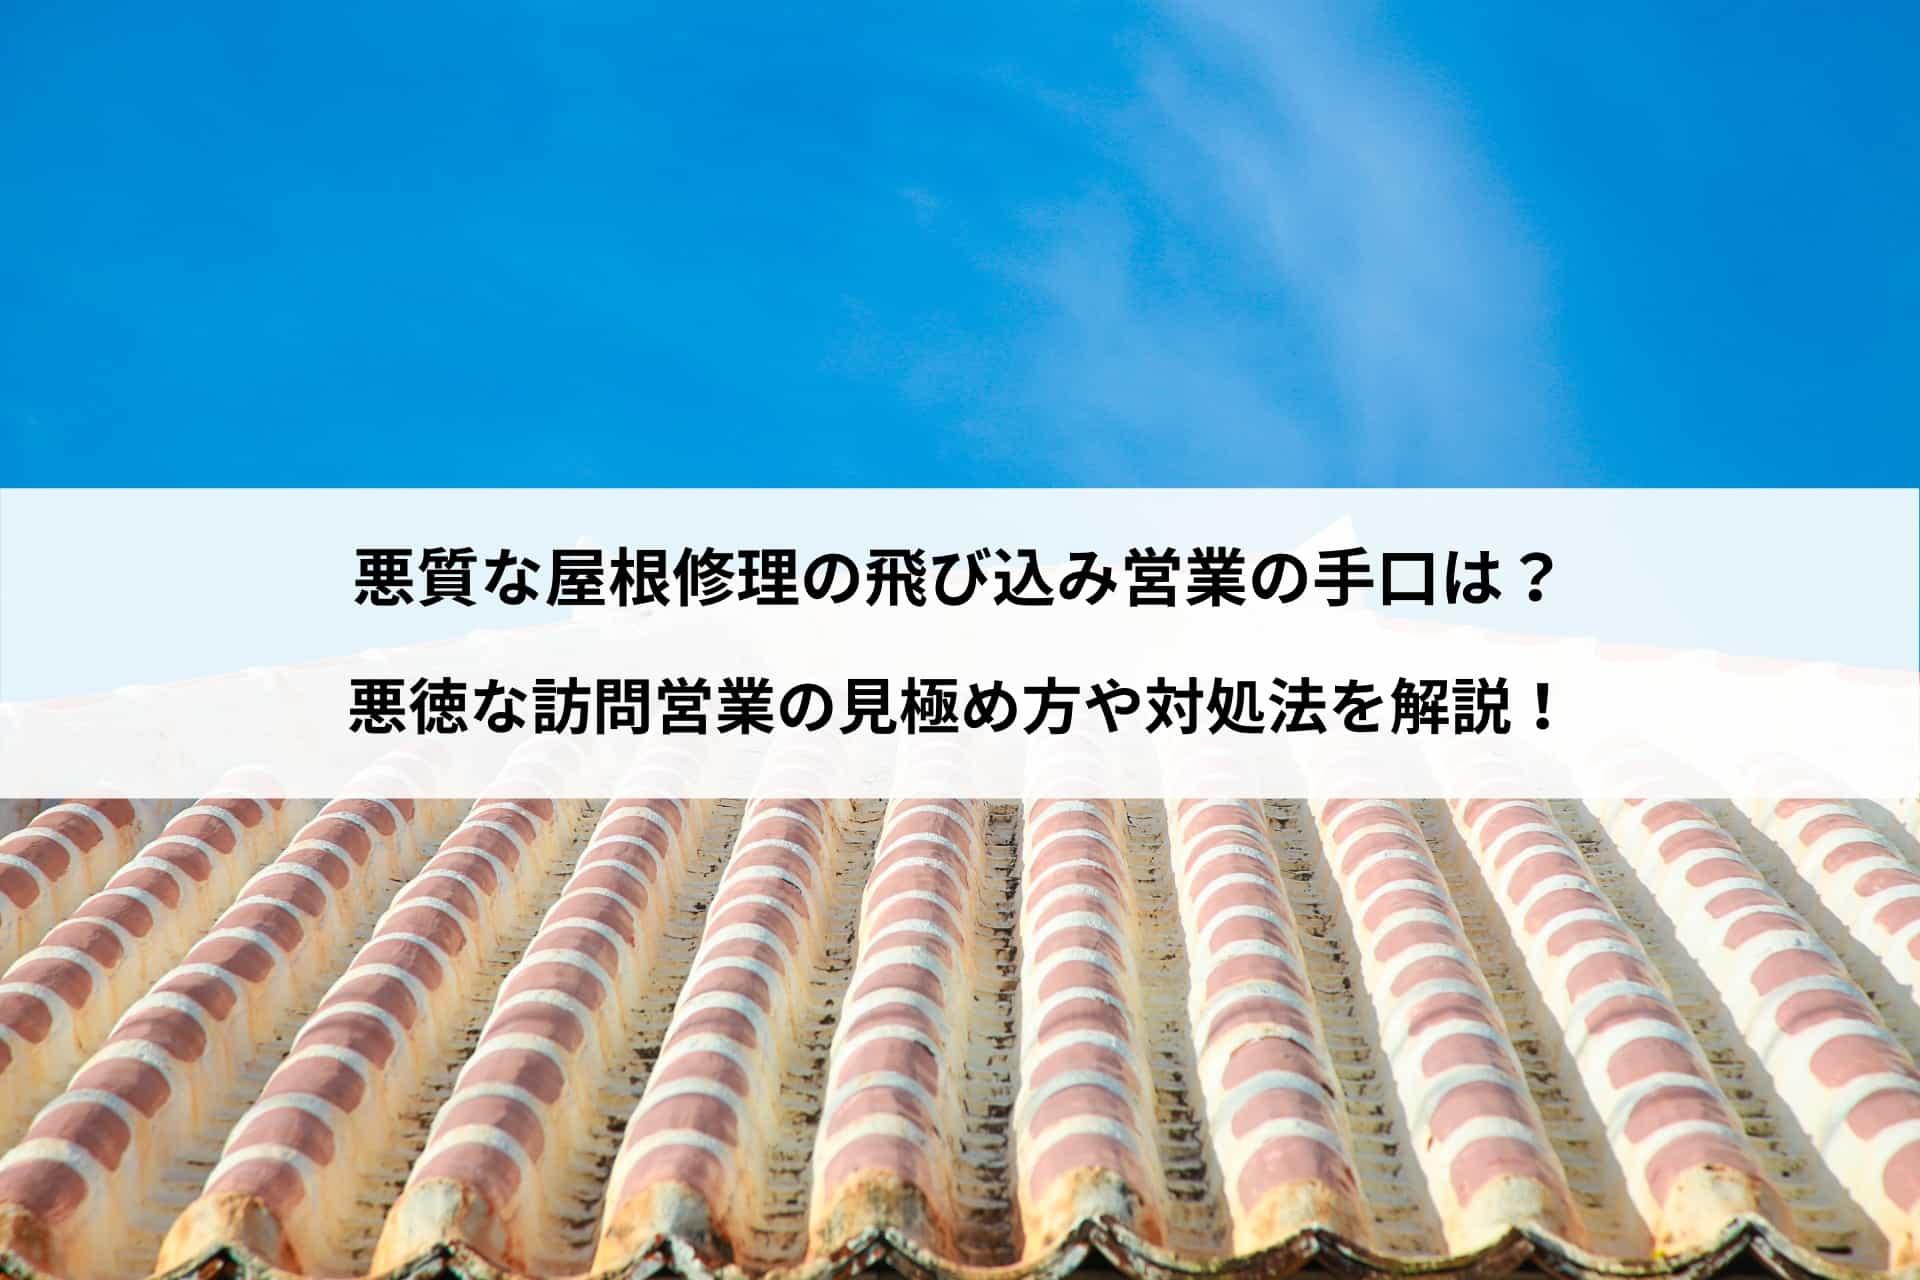 悪質な屋根修理の飛び込み営業の手口は?悪徳な訪問営業の見極め方や対処法を解説!